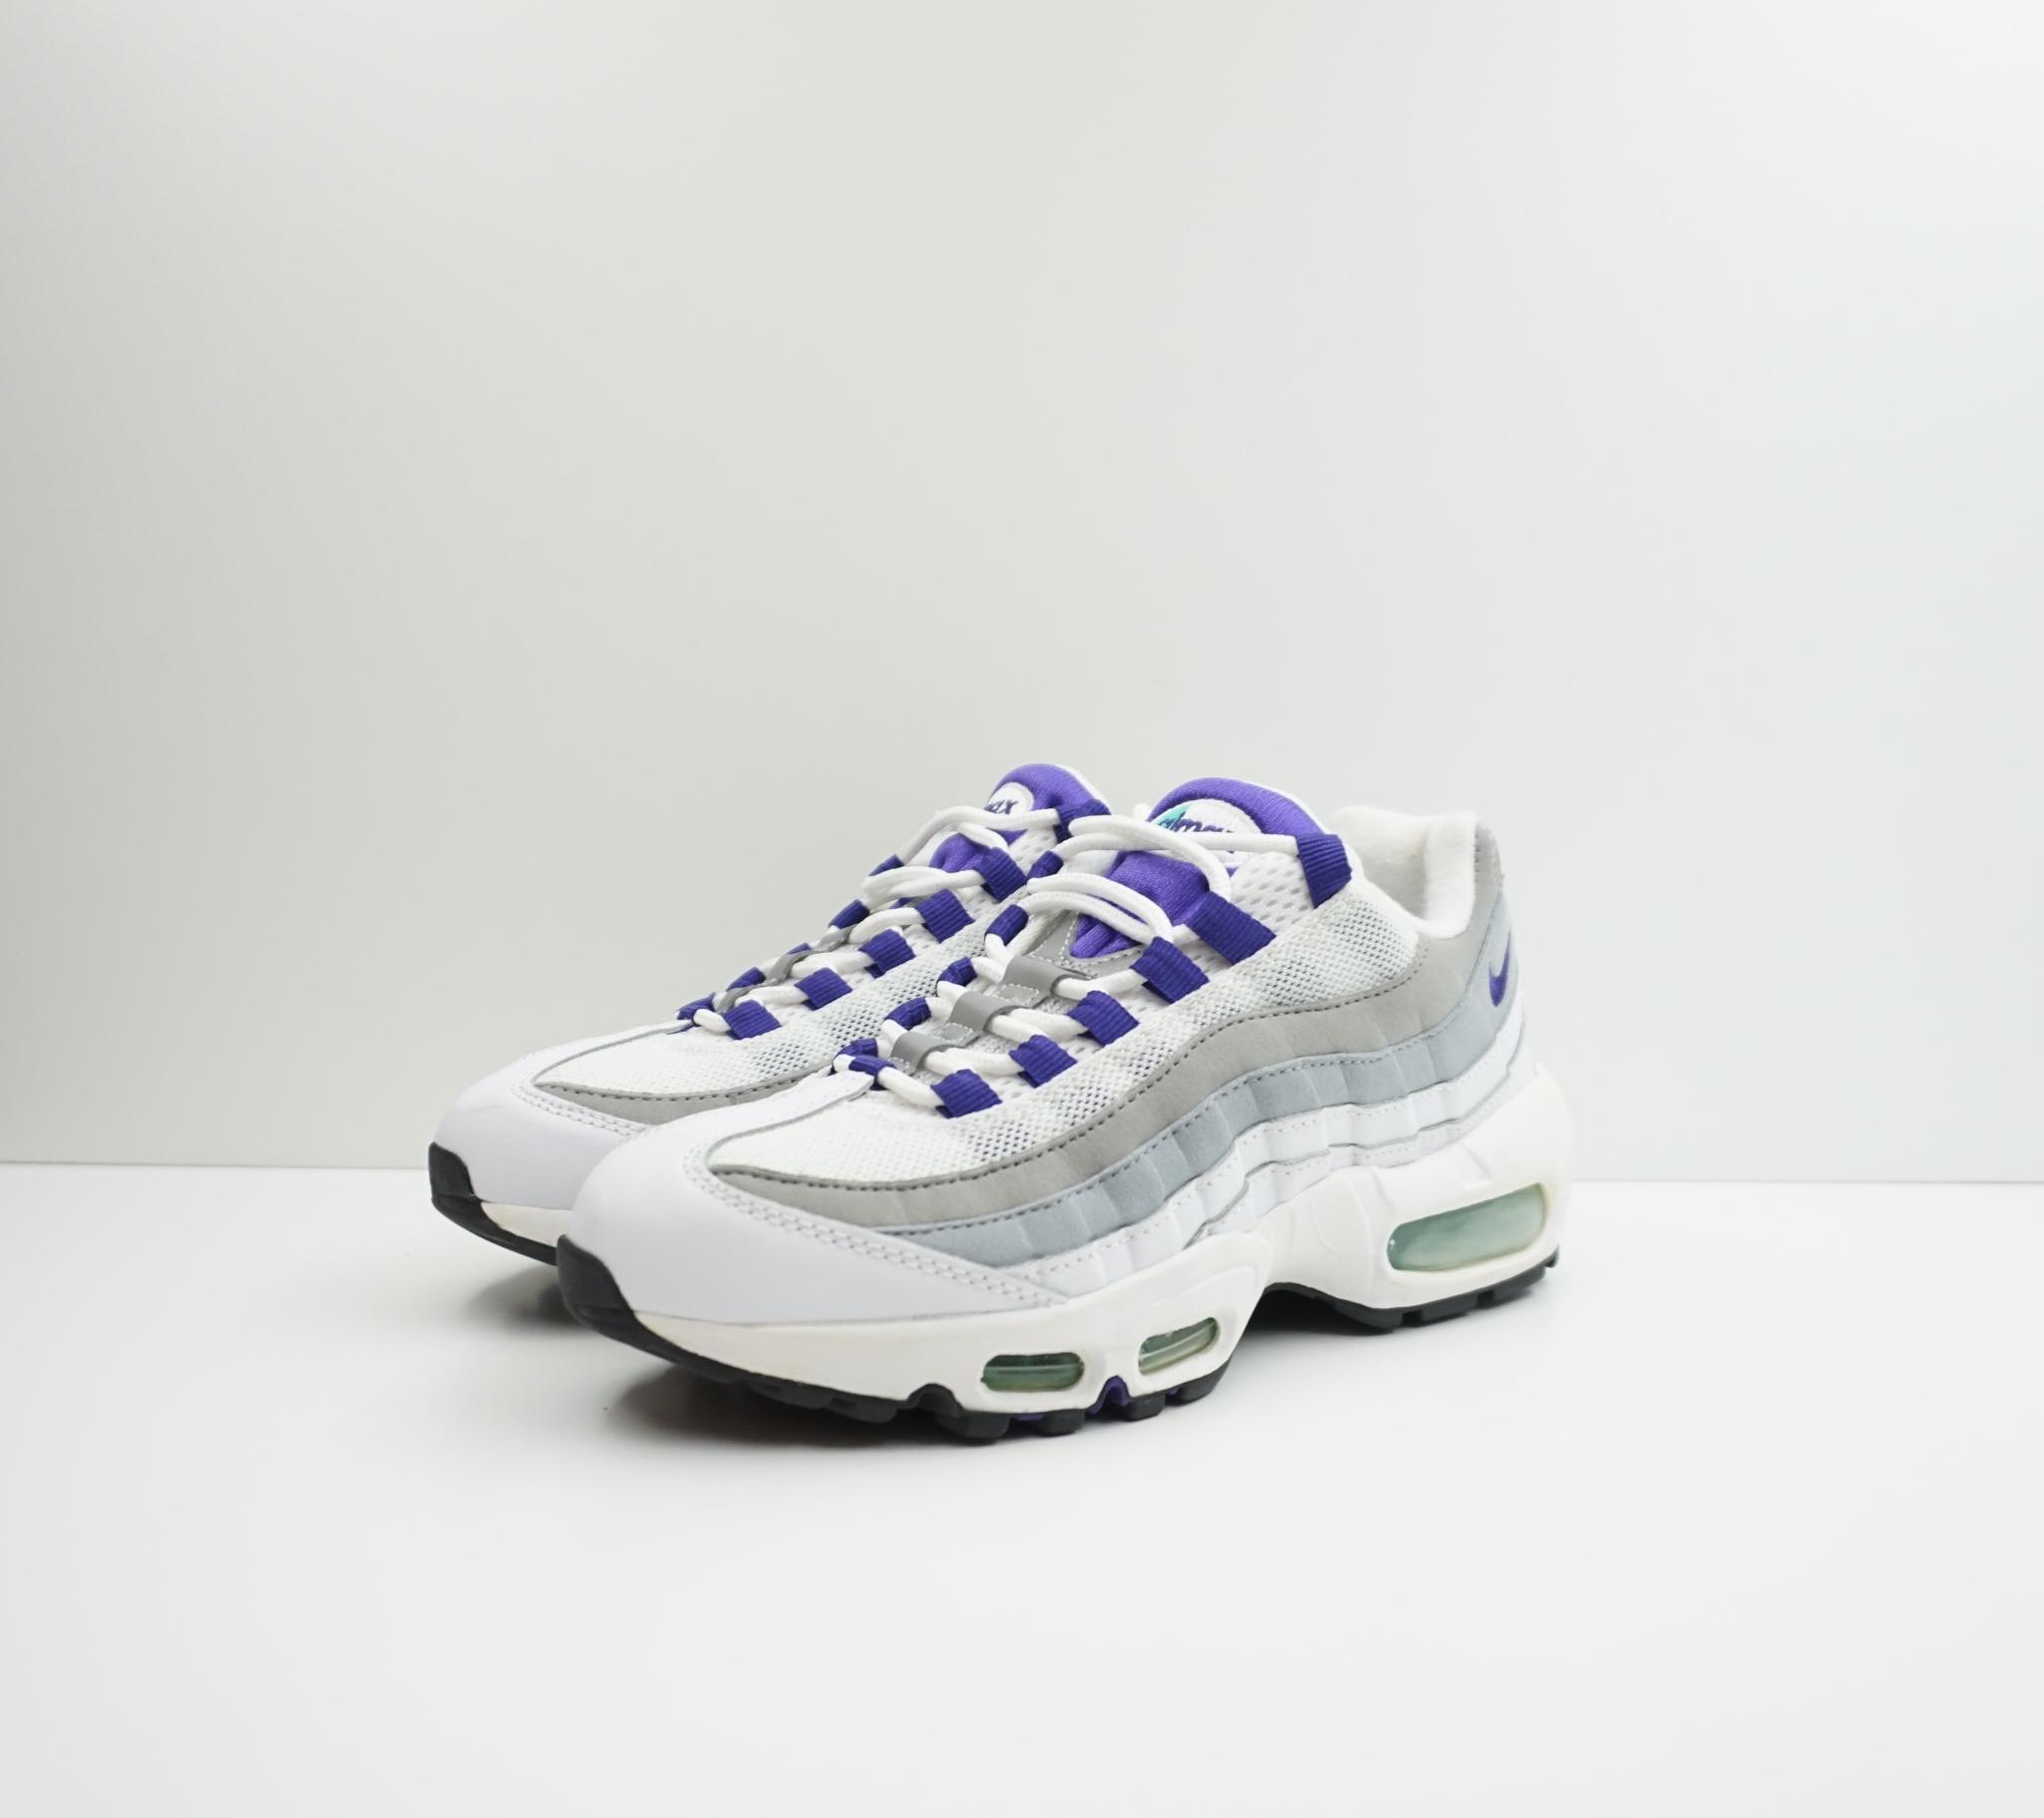 Nike Wmns Air Max 95 Grape